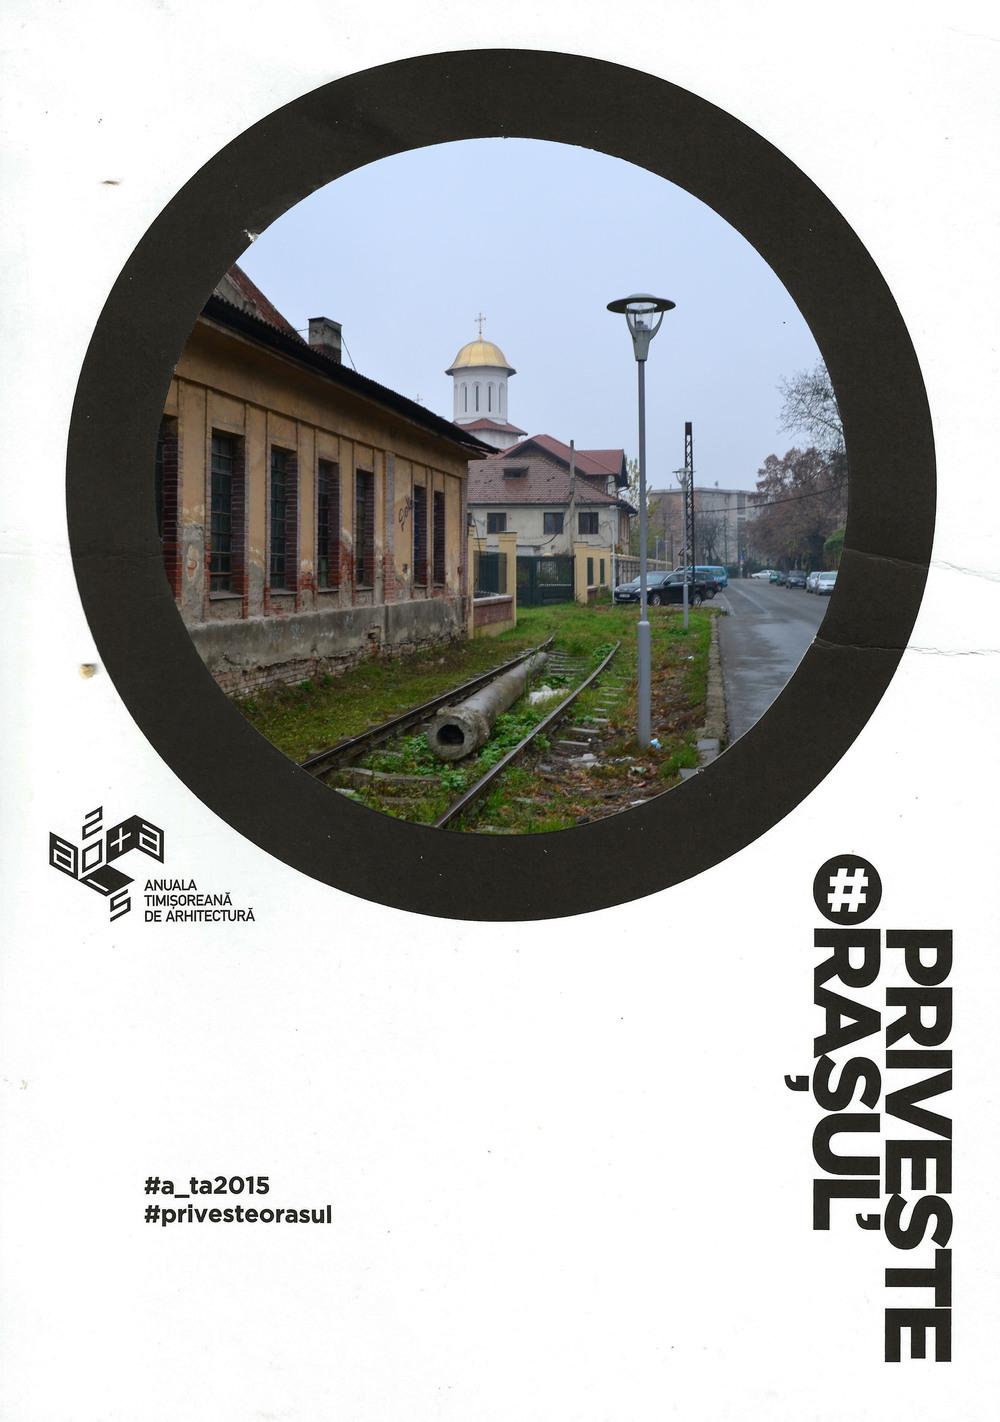 INF23 / Roxana Florescu / mesaj:Muzeul Transporturilor se lasă așteptat, în schimb ansamblurile BOR se tot înmulțesc în cartier. Până la urmă este vorba de priorități